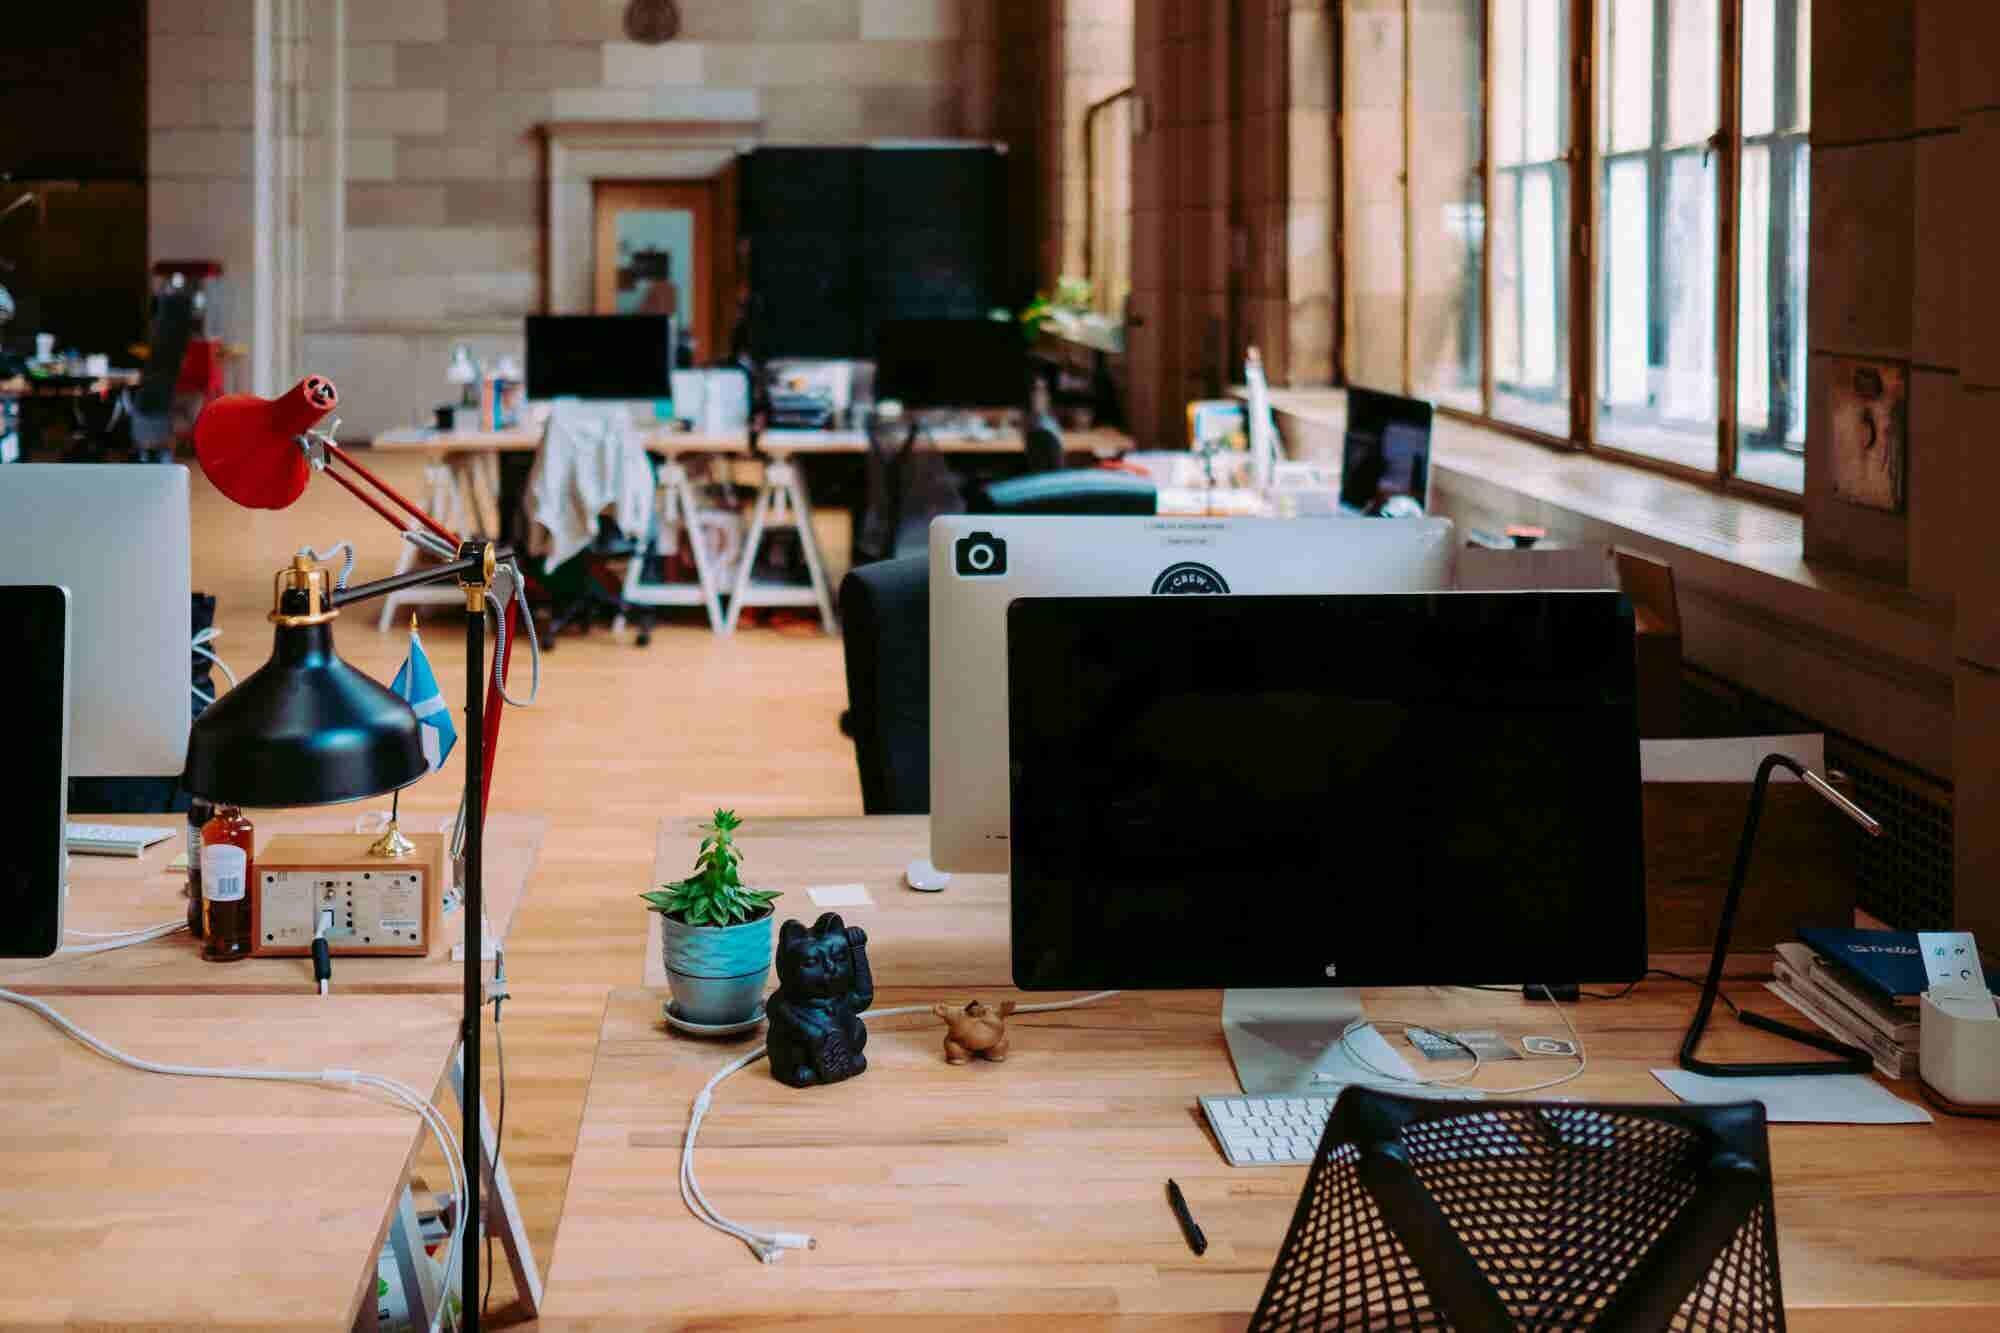 ¿Vas a diseñar tu oficina? Antes responde estas 10 preguntas para no gastar de más